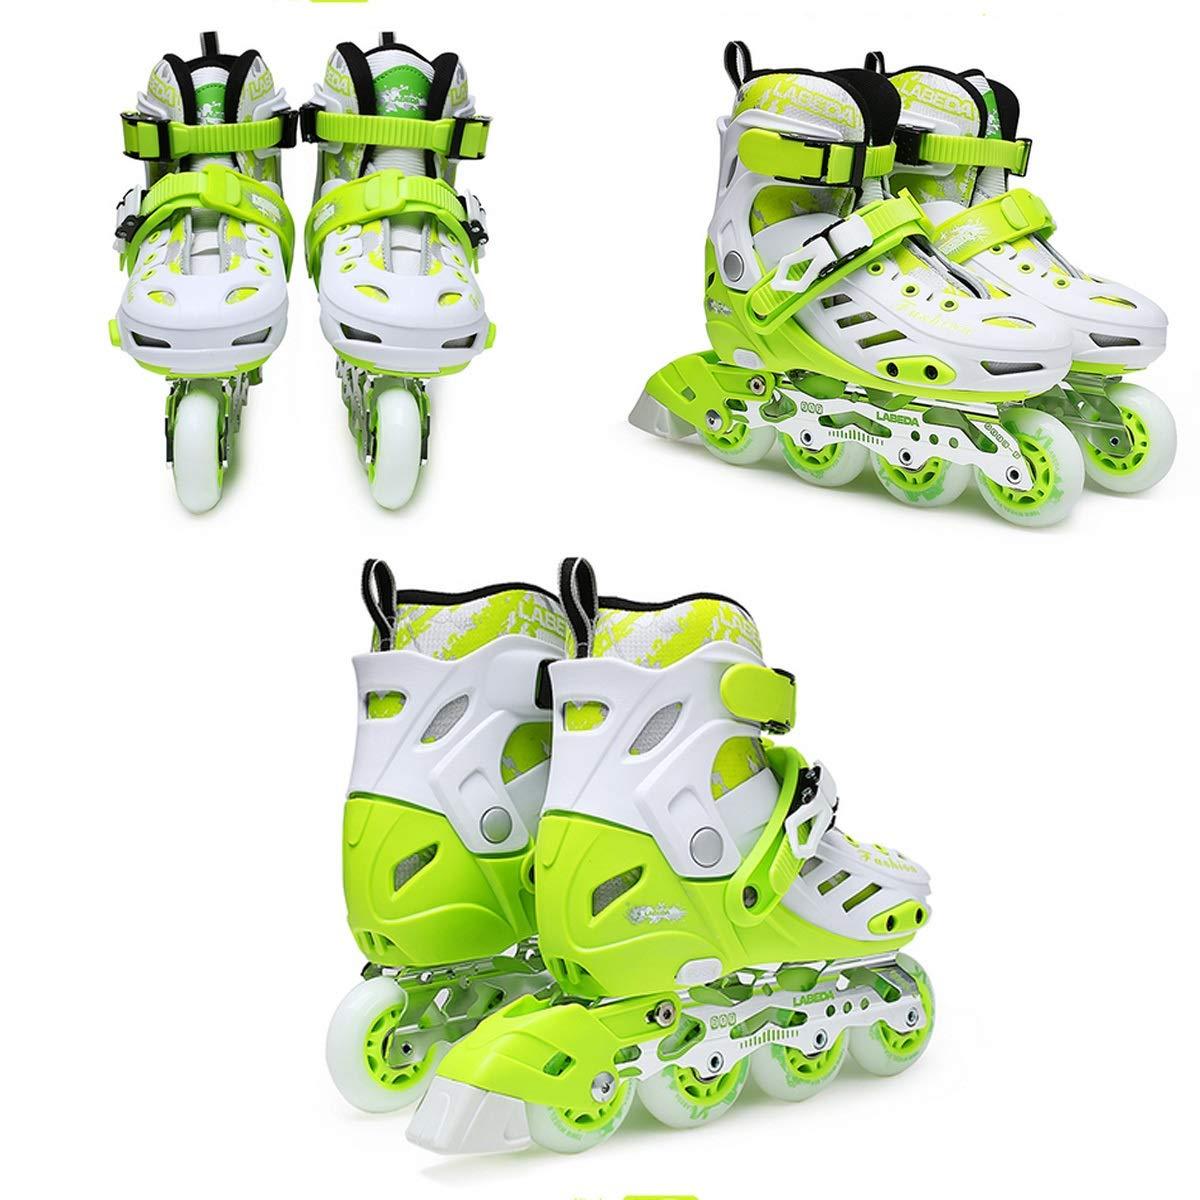 ローラーブレード、ローラースケート、インラインスケート、調節可能なボタン、子供/大人、クラシック4色、調節可能なインラインスケート、ハイトップシルエット、保護パッド一式のローラースケート、ヘルメット、靴収納バッグ、初学者スケート、簡単着ること、楽しいスケート、屋内/屋外のローラースケート、誕生日、休日、特別なイベントやマイルストーンのためのすべての若い人たちへのプレゼント